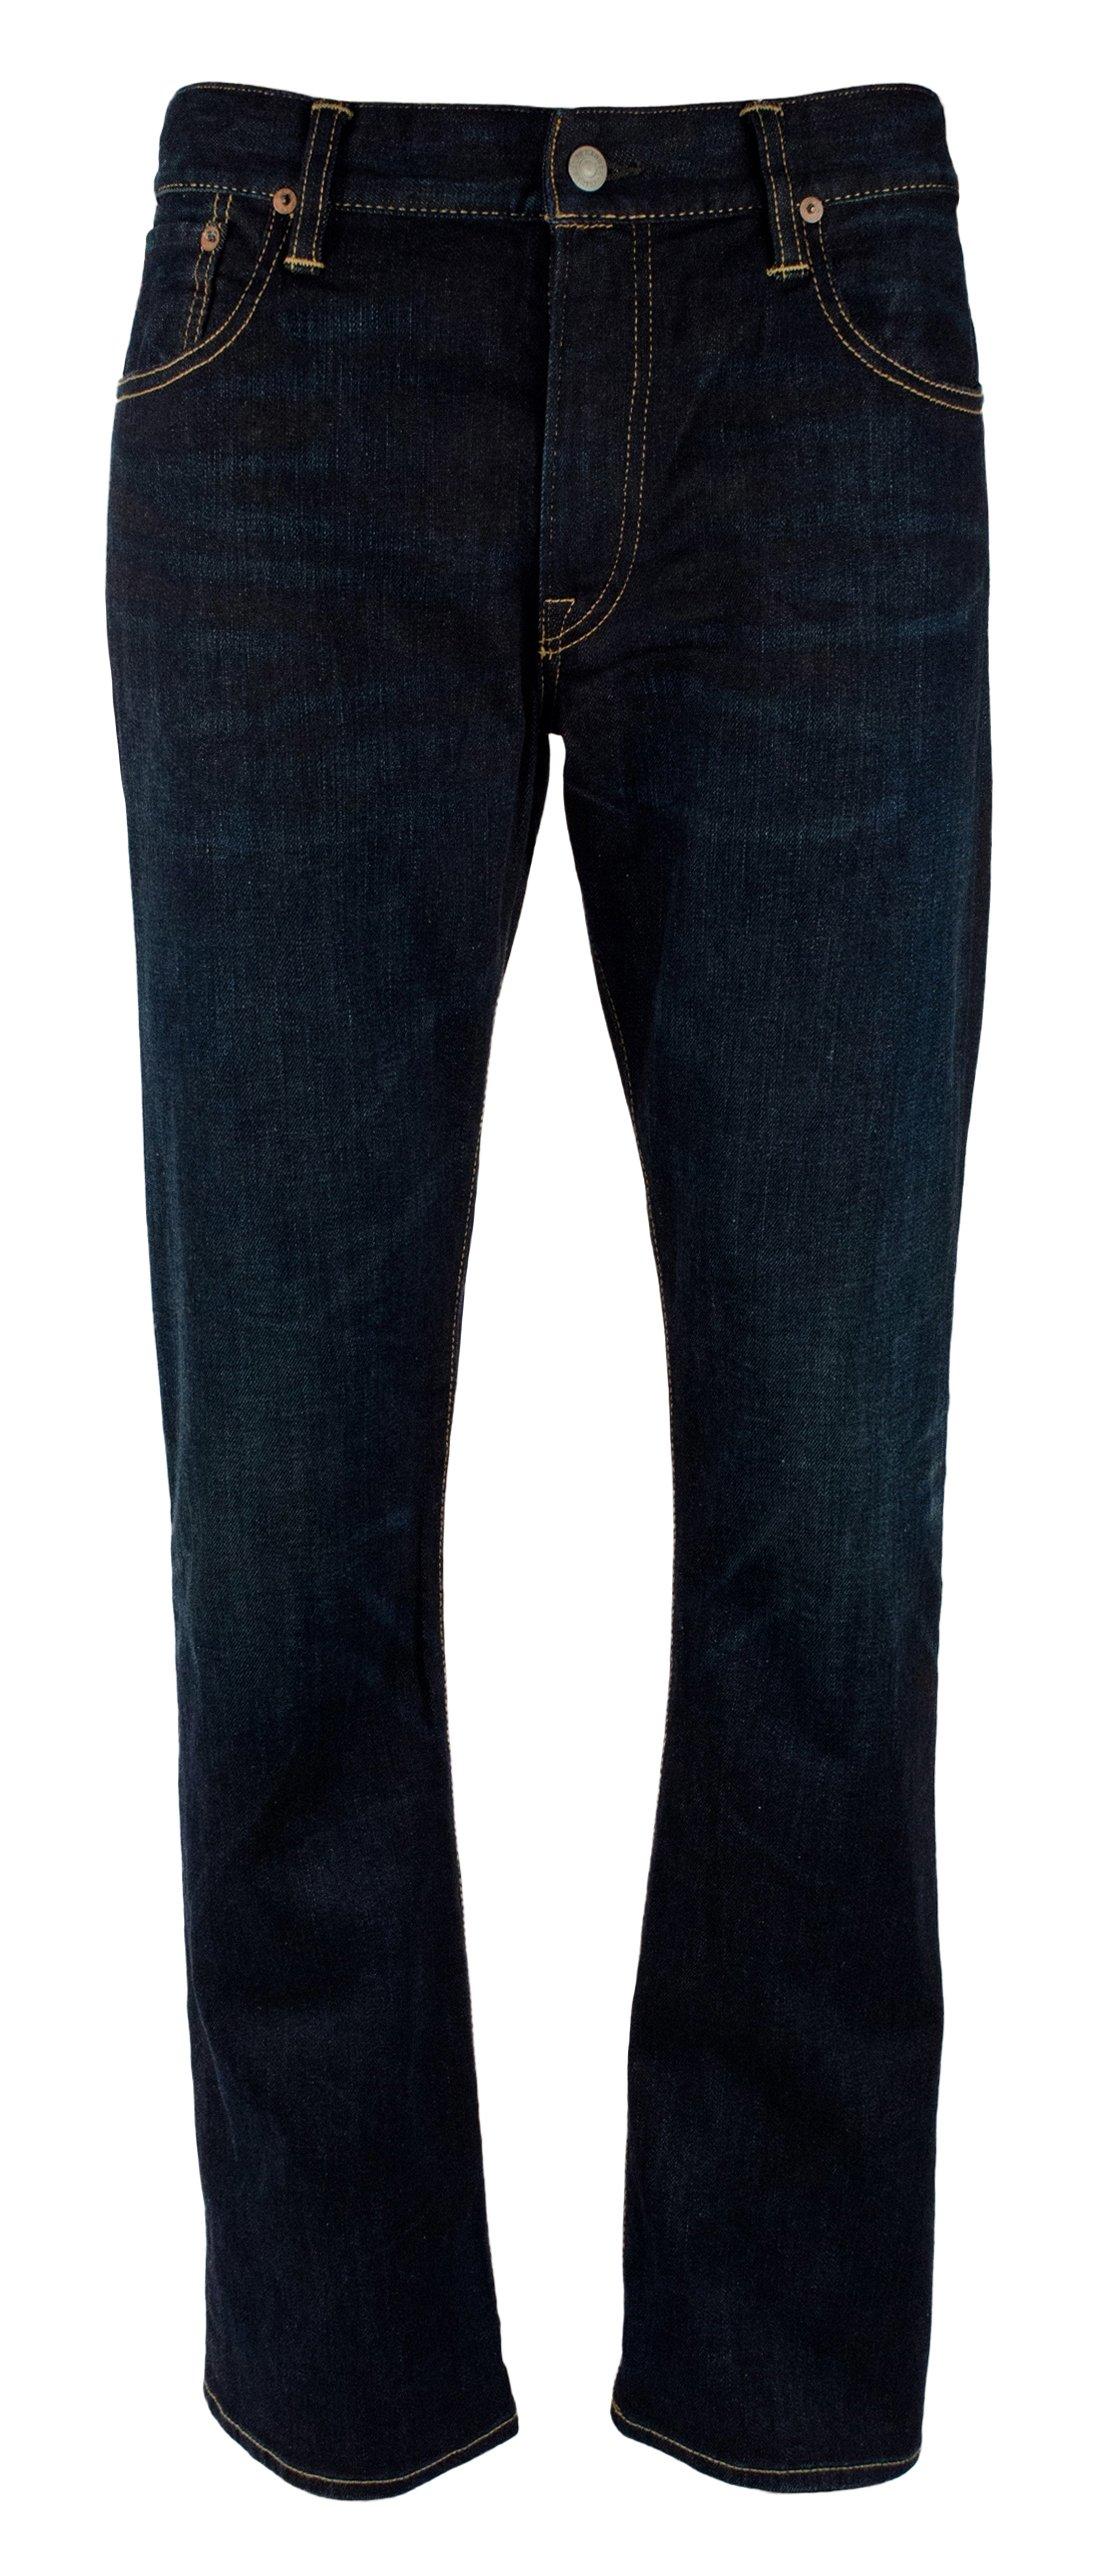 RALPH LAUREN Polo Men's Bootcut Jeans-R-36Wx32L